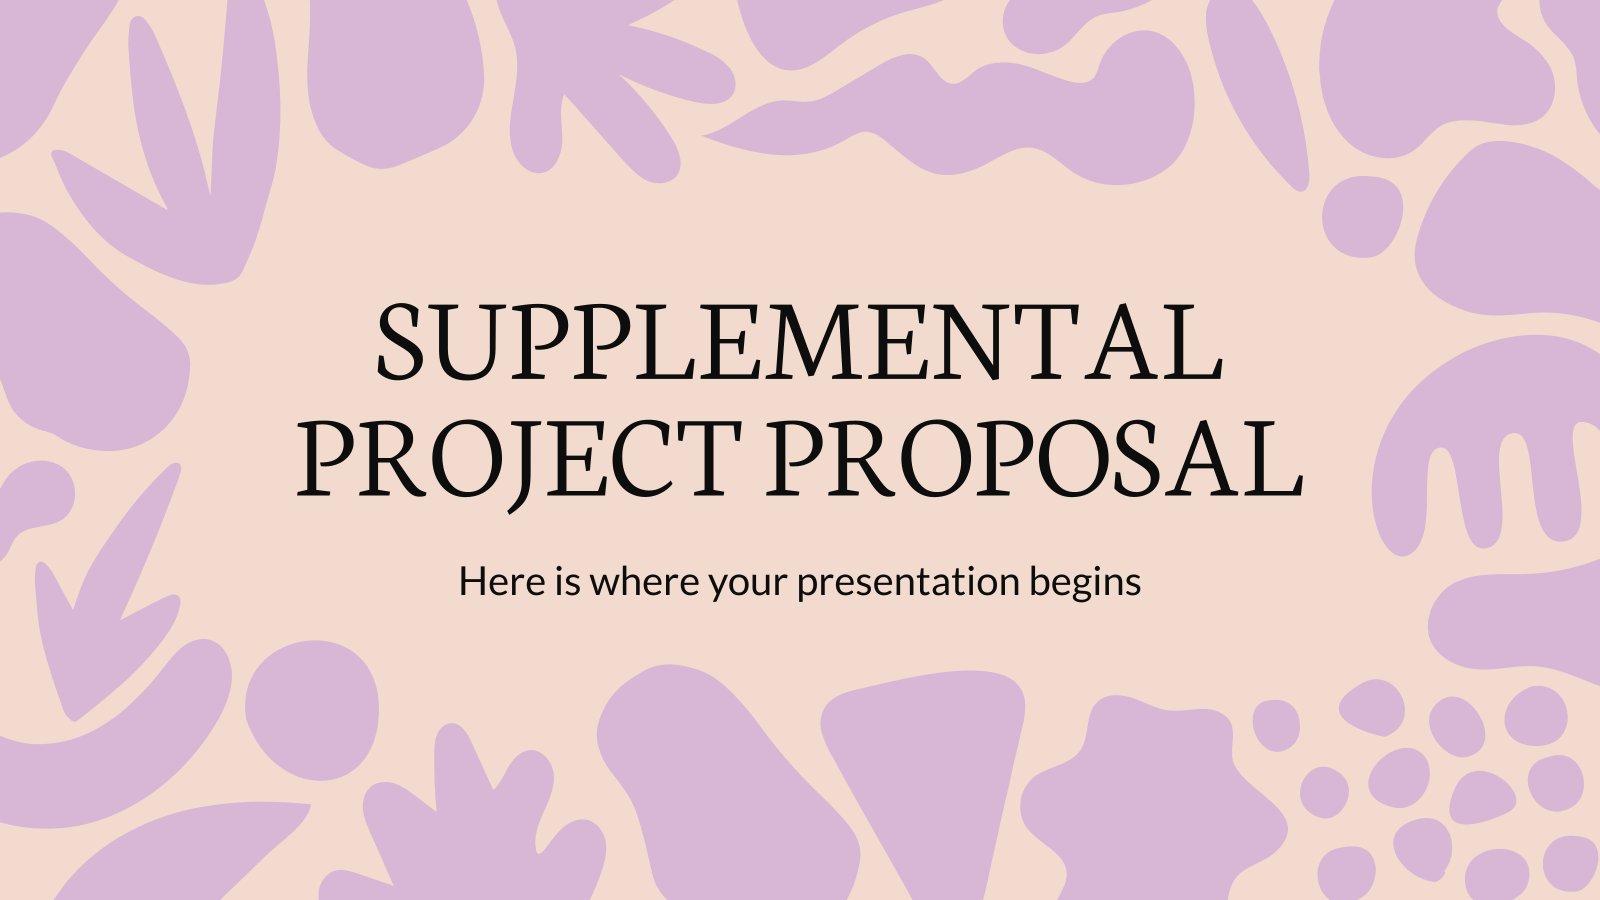 Modelo de apresentação Proposta de projeto suplementar